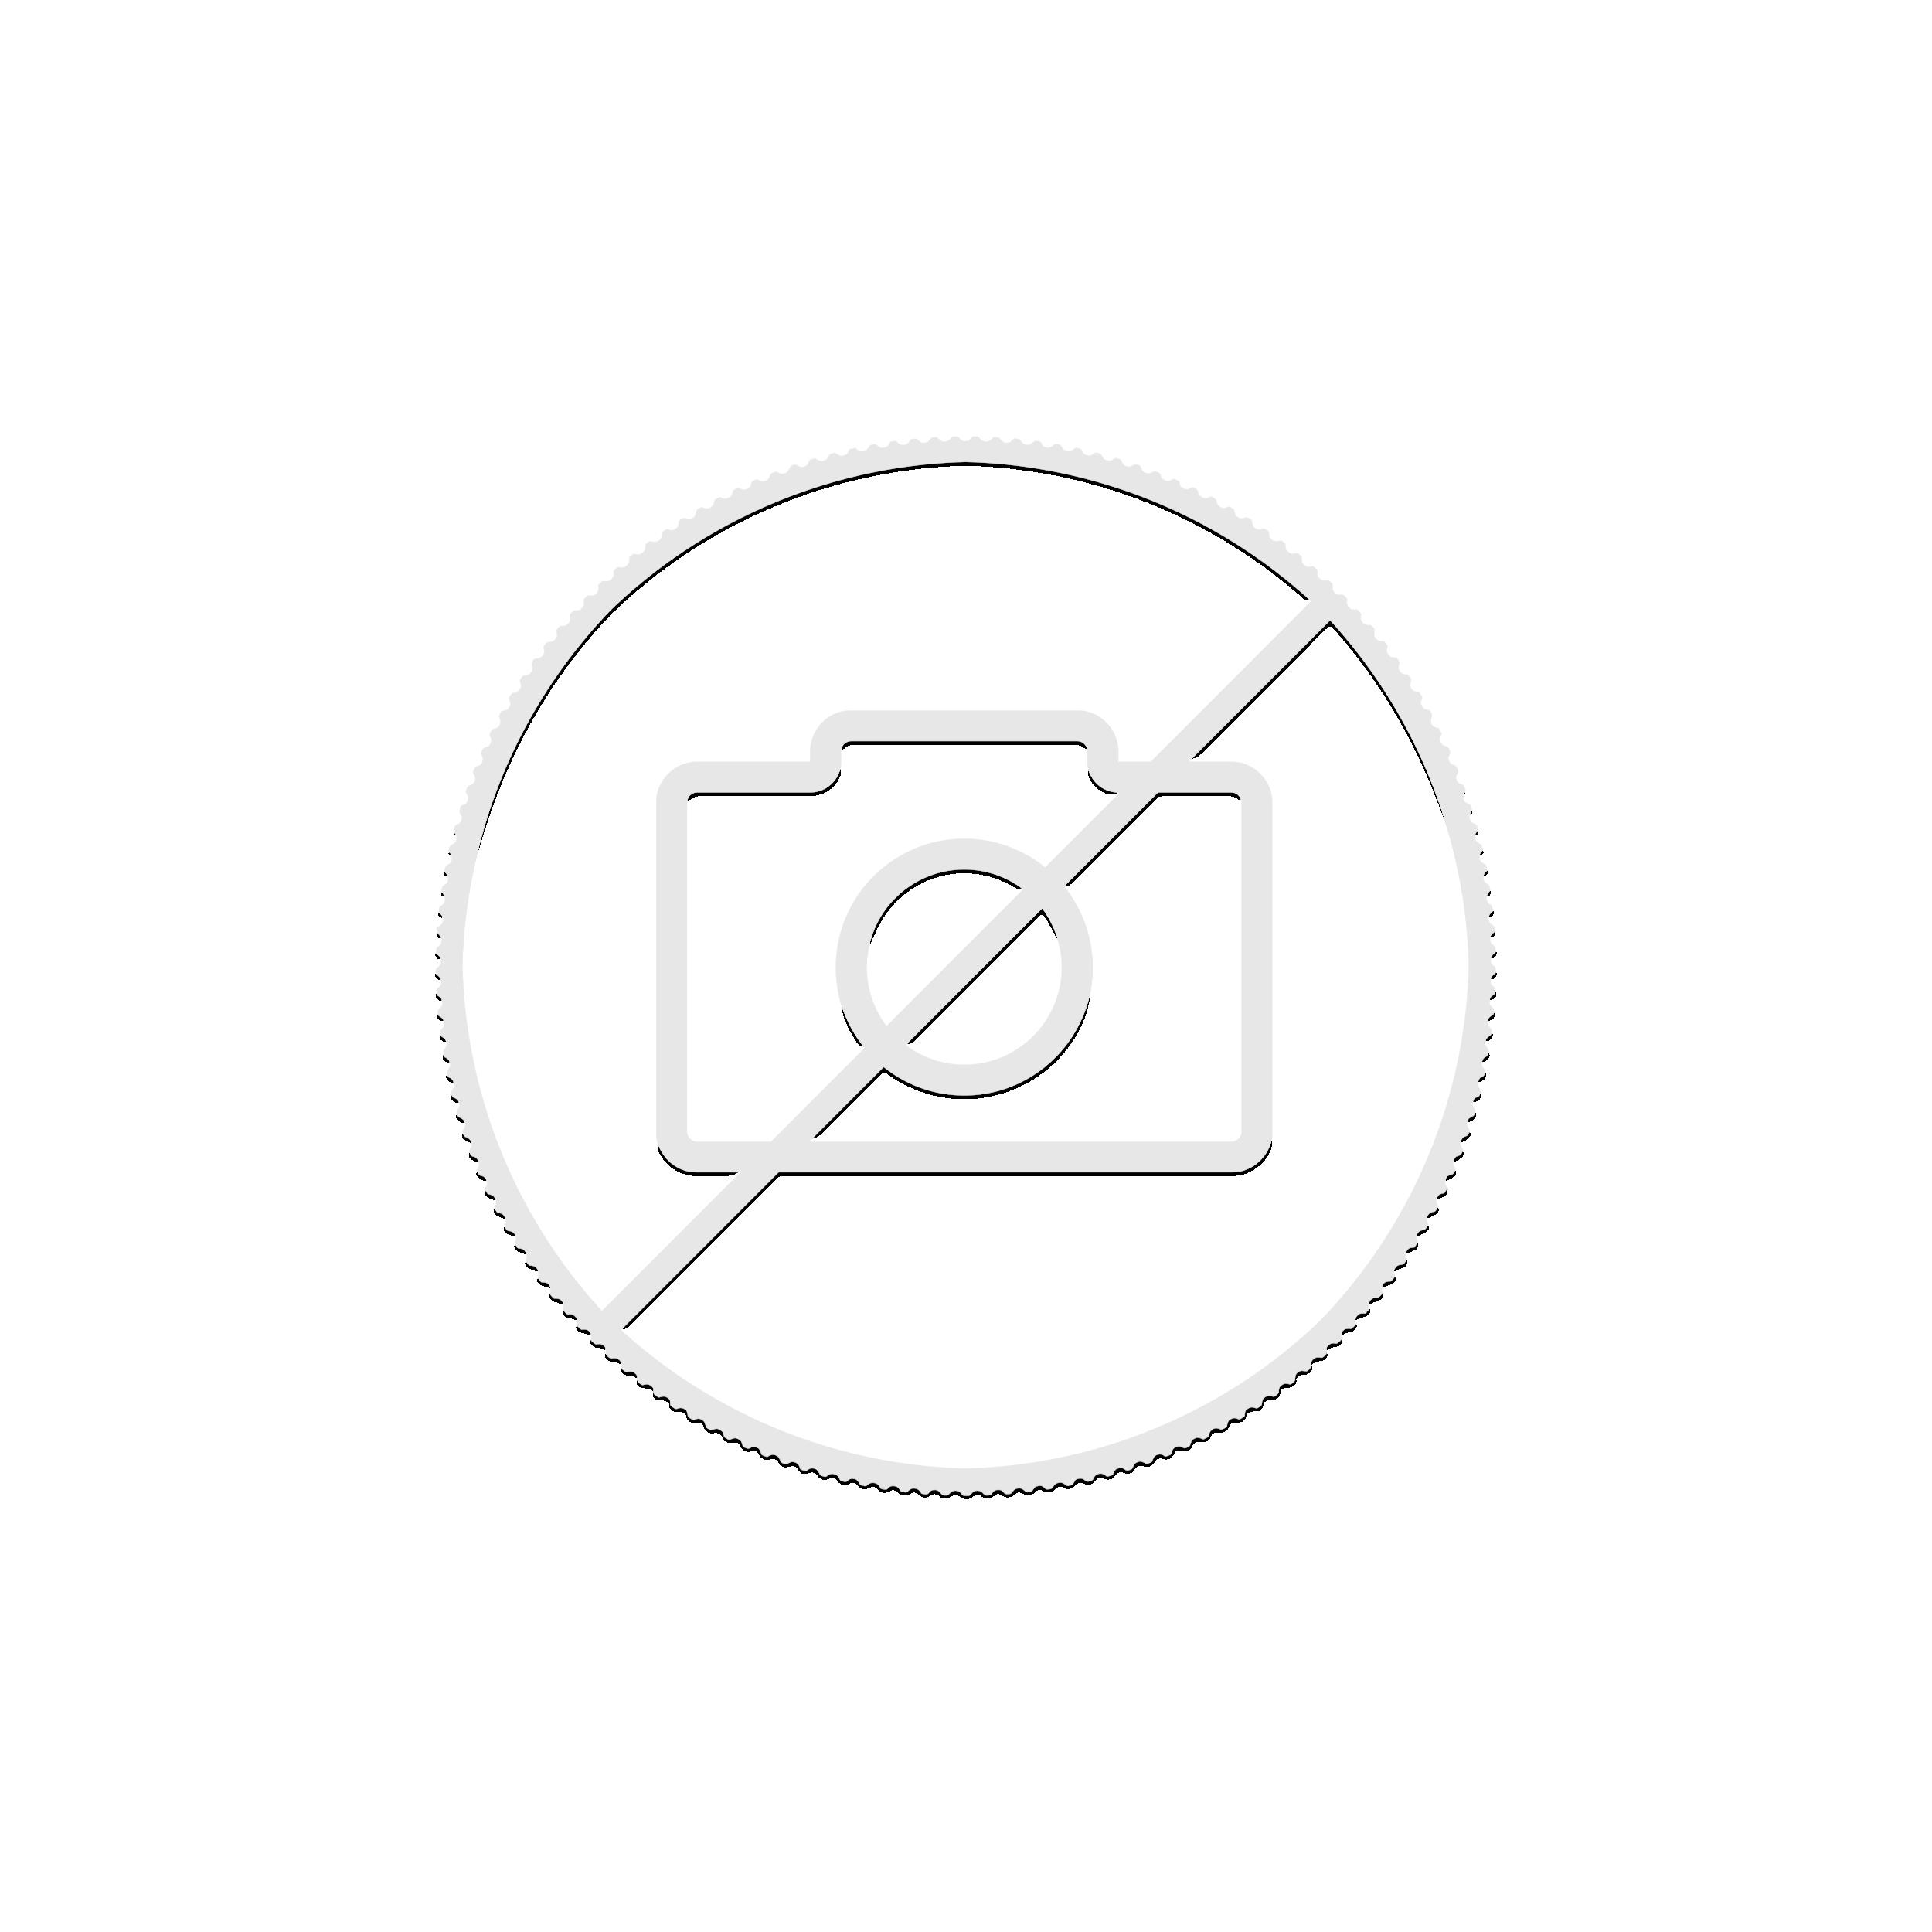 2 Troy ounce silver coin Lunar 2020